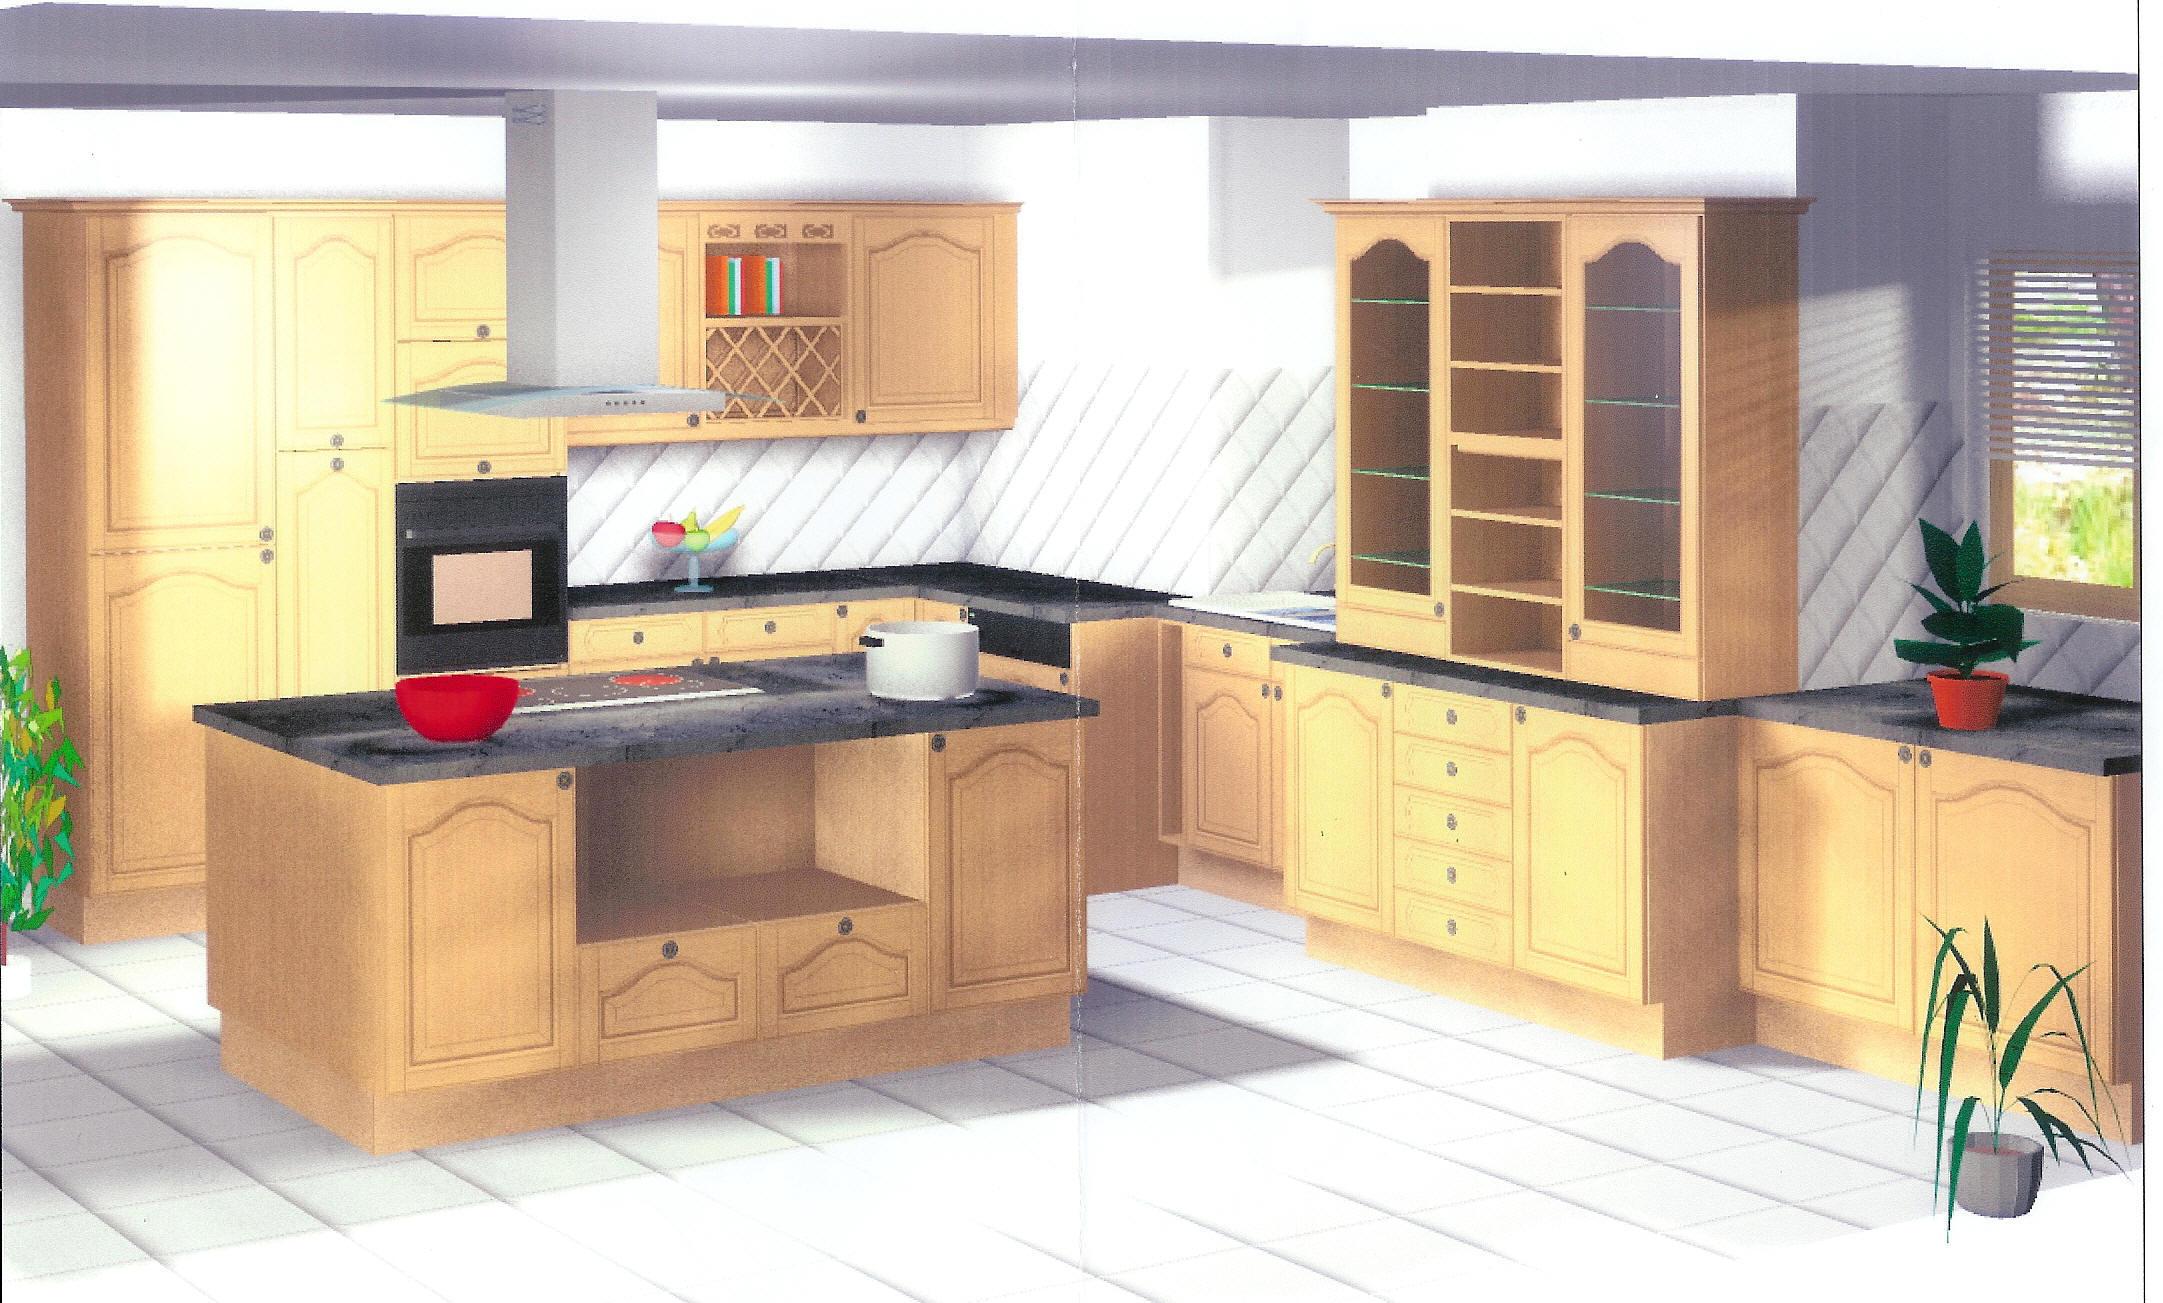 Logiciel Cuisine Et Salle De Bain 3d Gratuit Bright Shadow Online